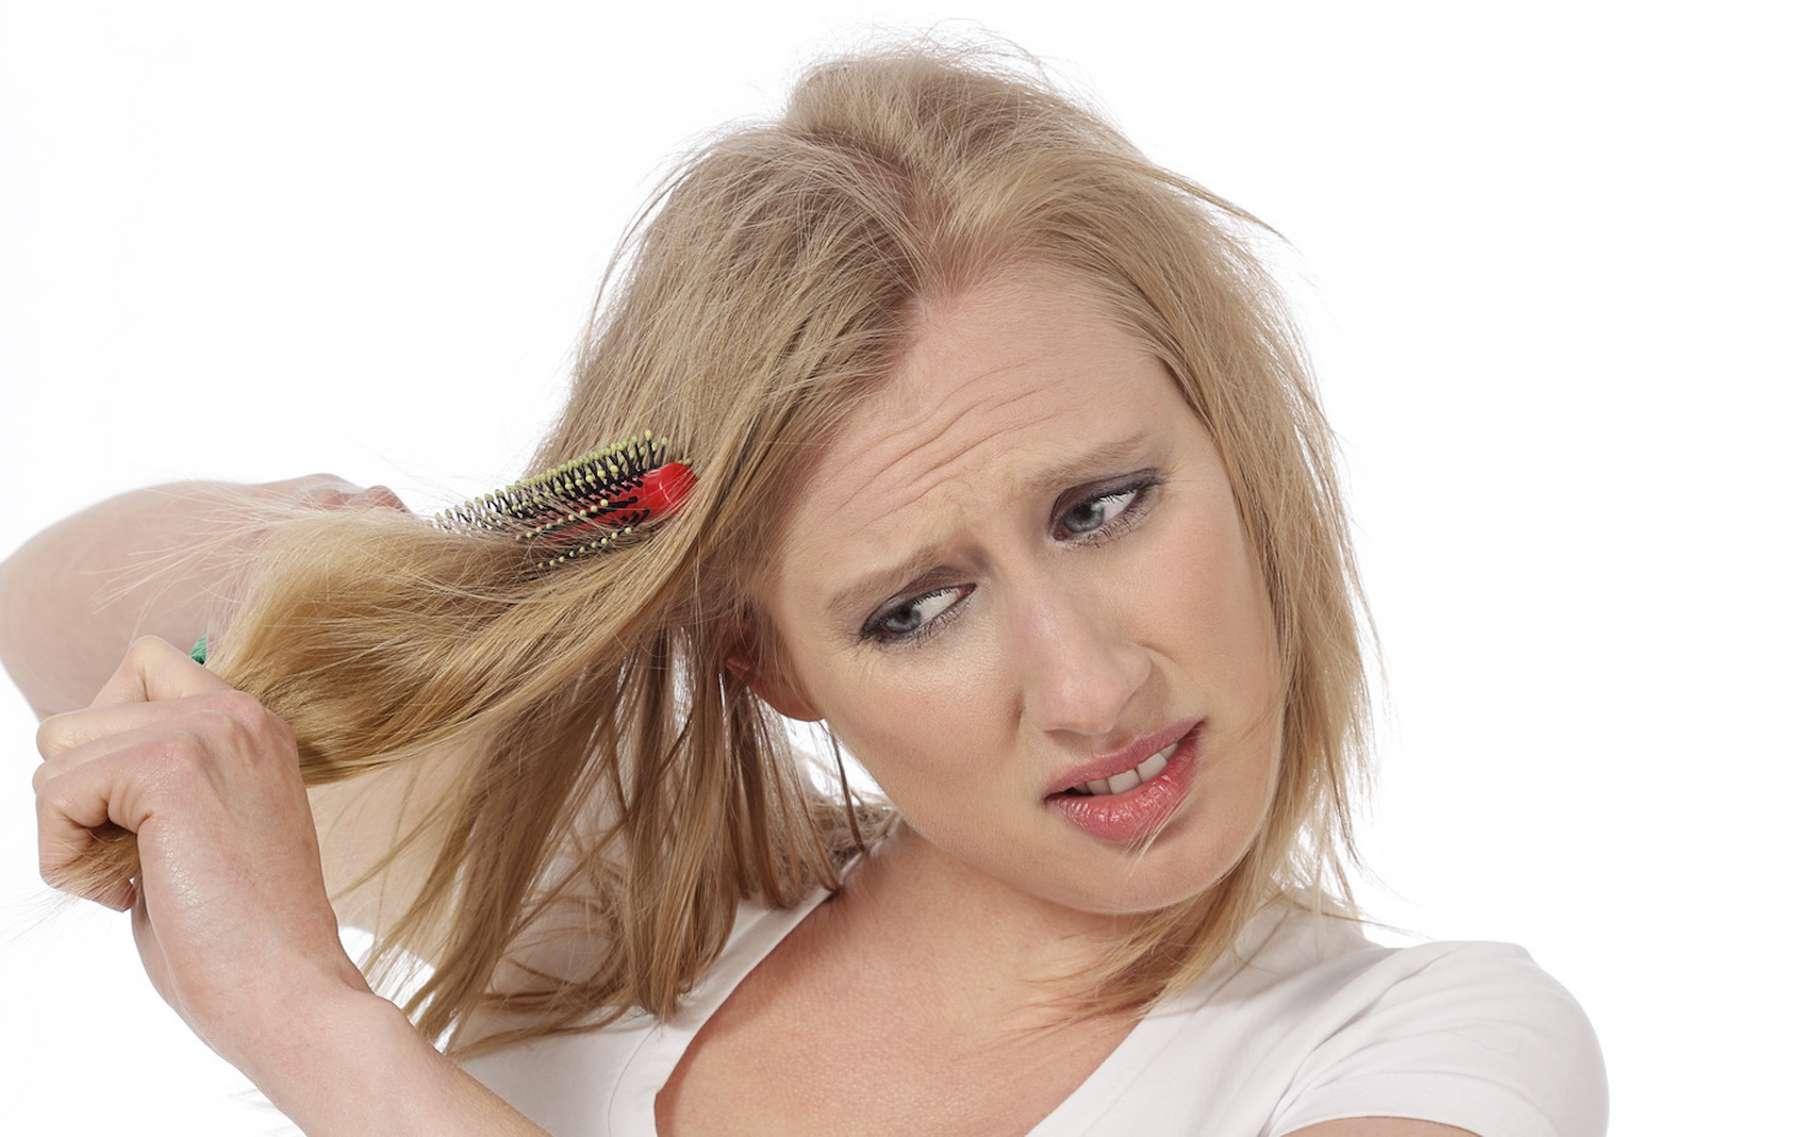 Les démêlants sont composés d'actifs qui permettent de lisser les écailles des cheveux et d'éviter ainsi la formation de nœuds. © mariesacha, Fotolia